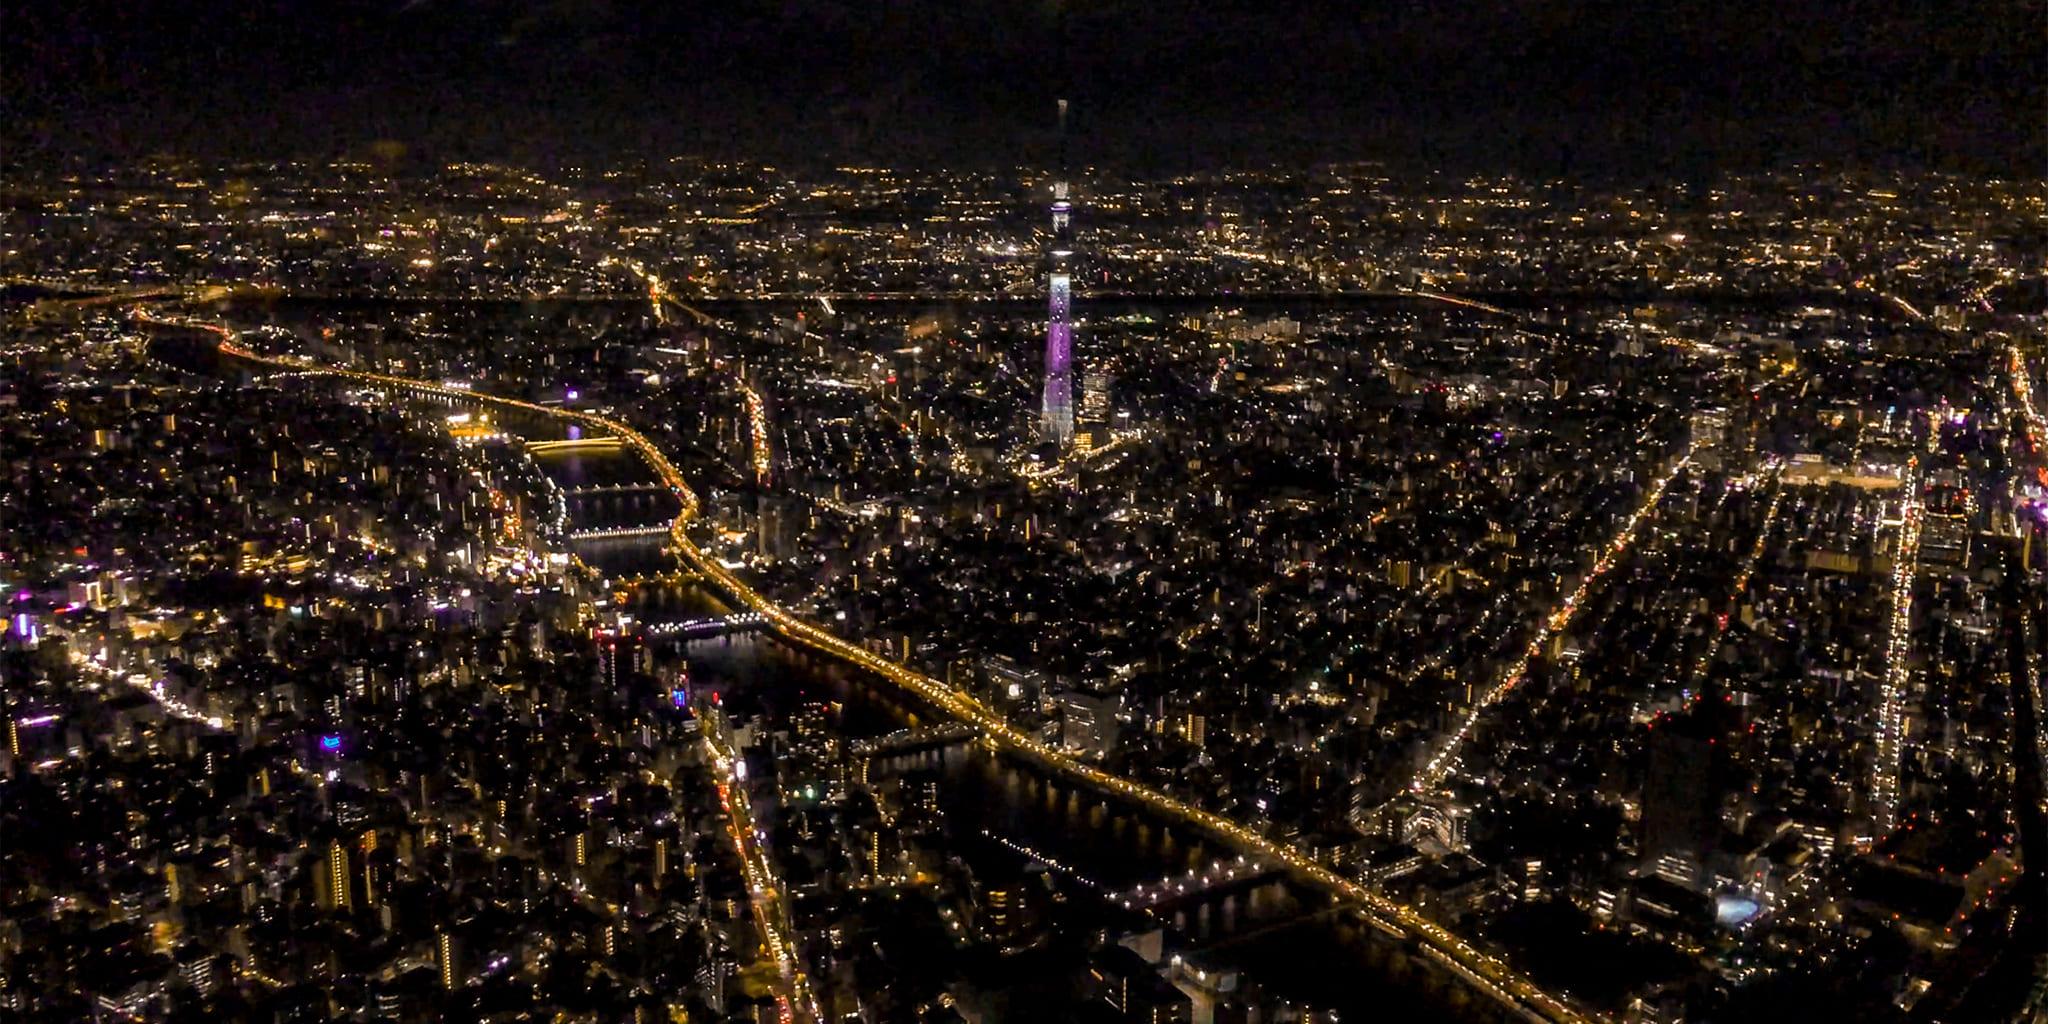 ヘリコプターで東京上空をフライトして見えるスカイツリー